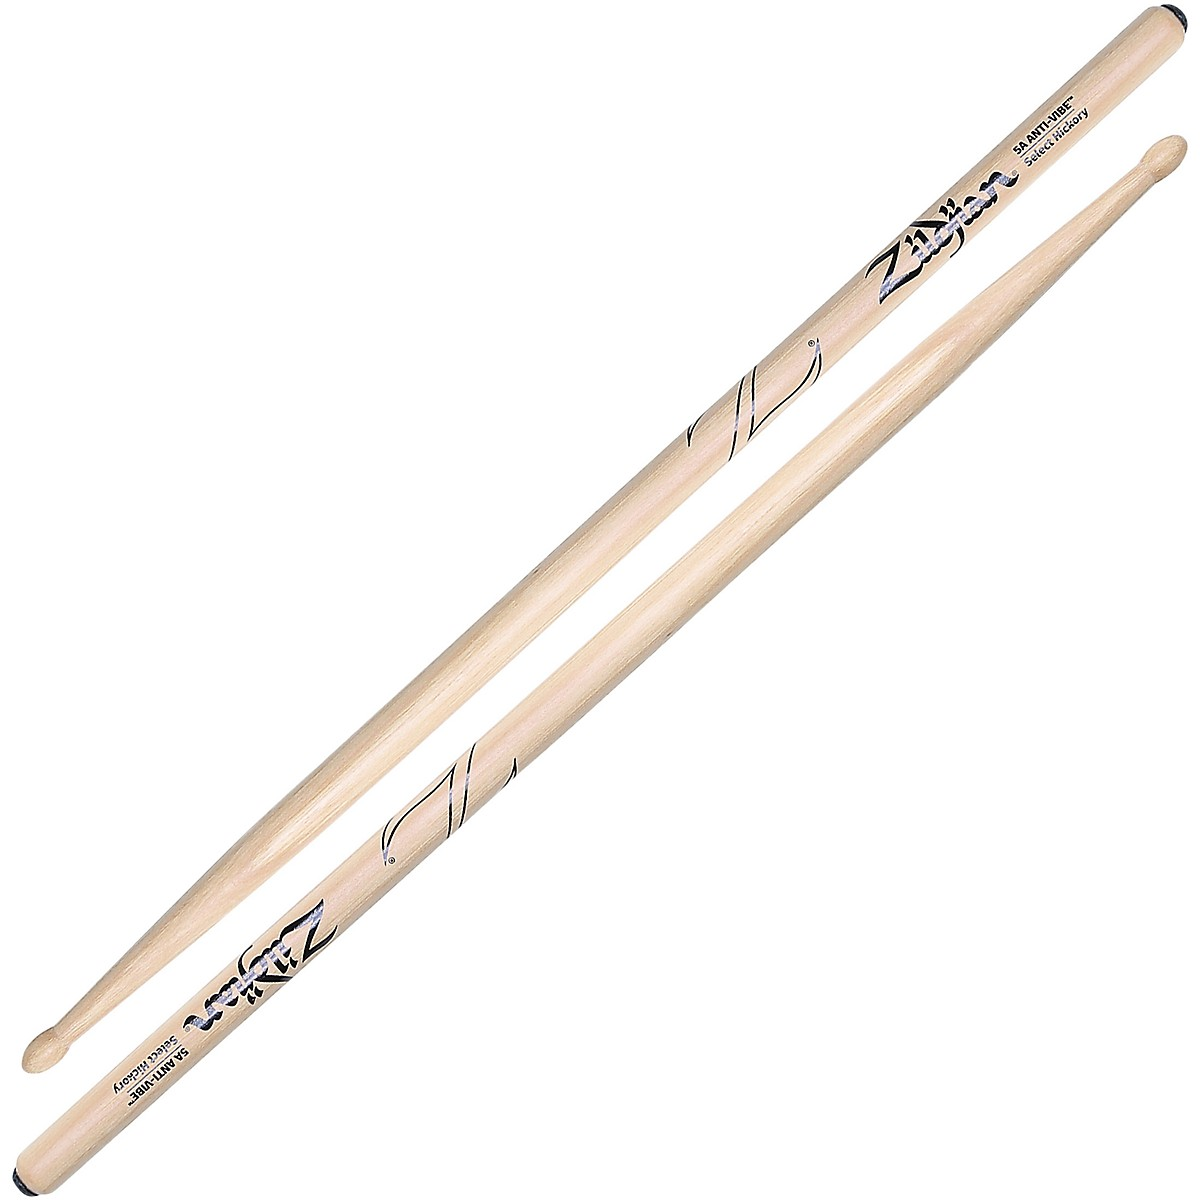 Zildjian Anti-Vibe Drumsticks